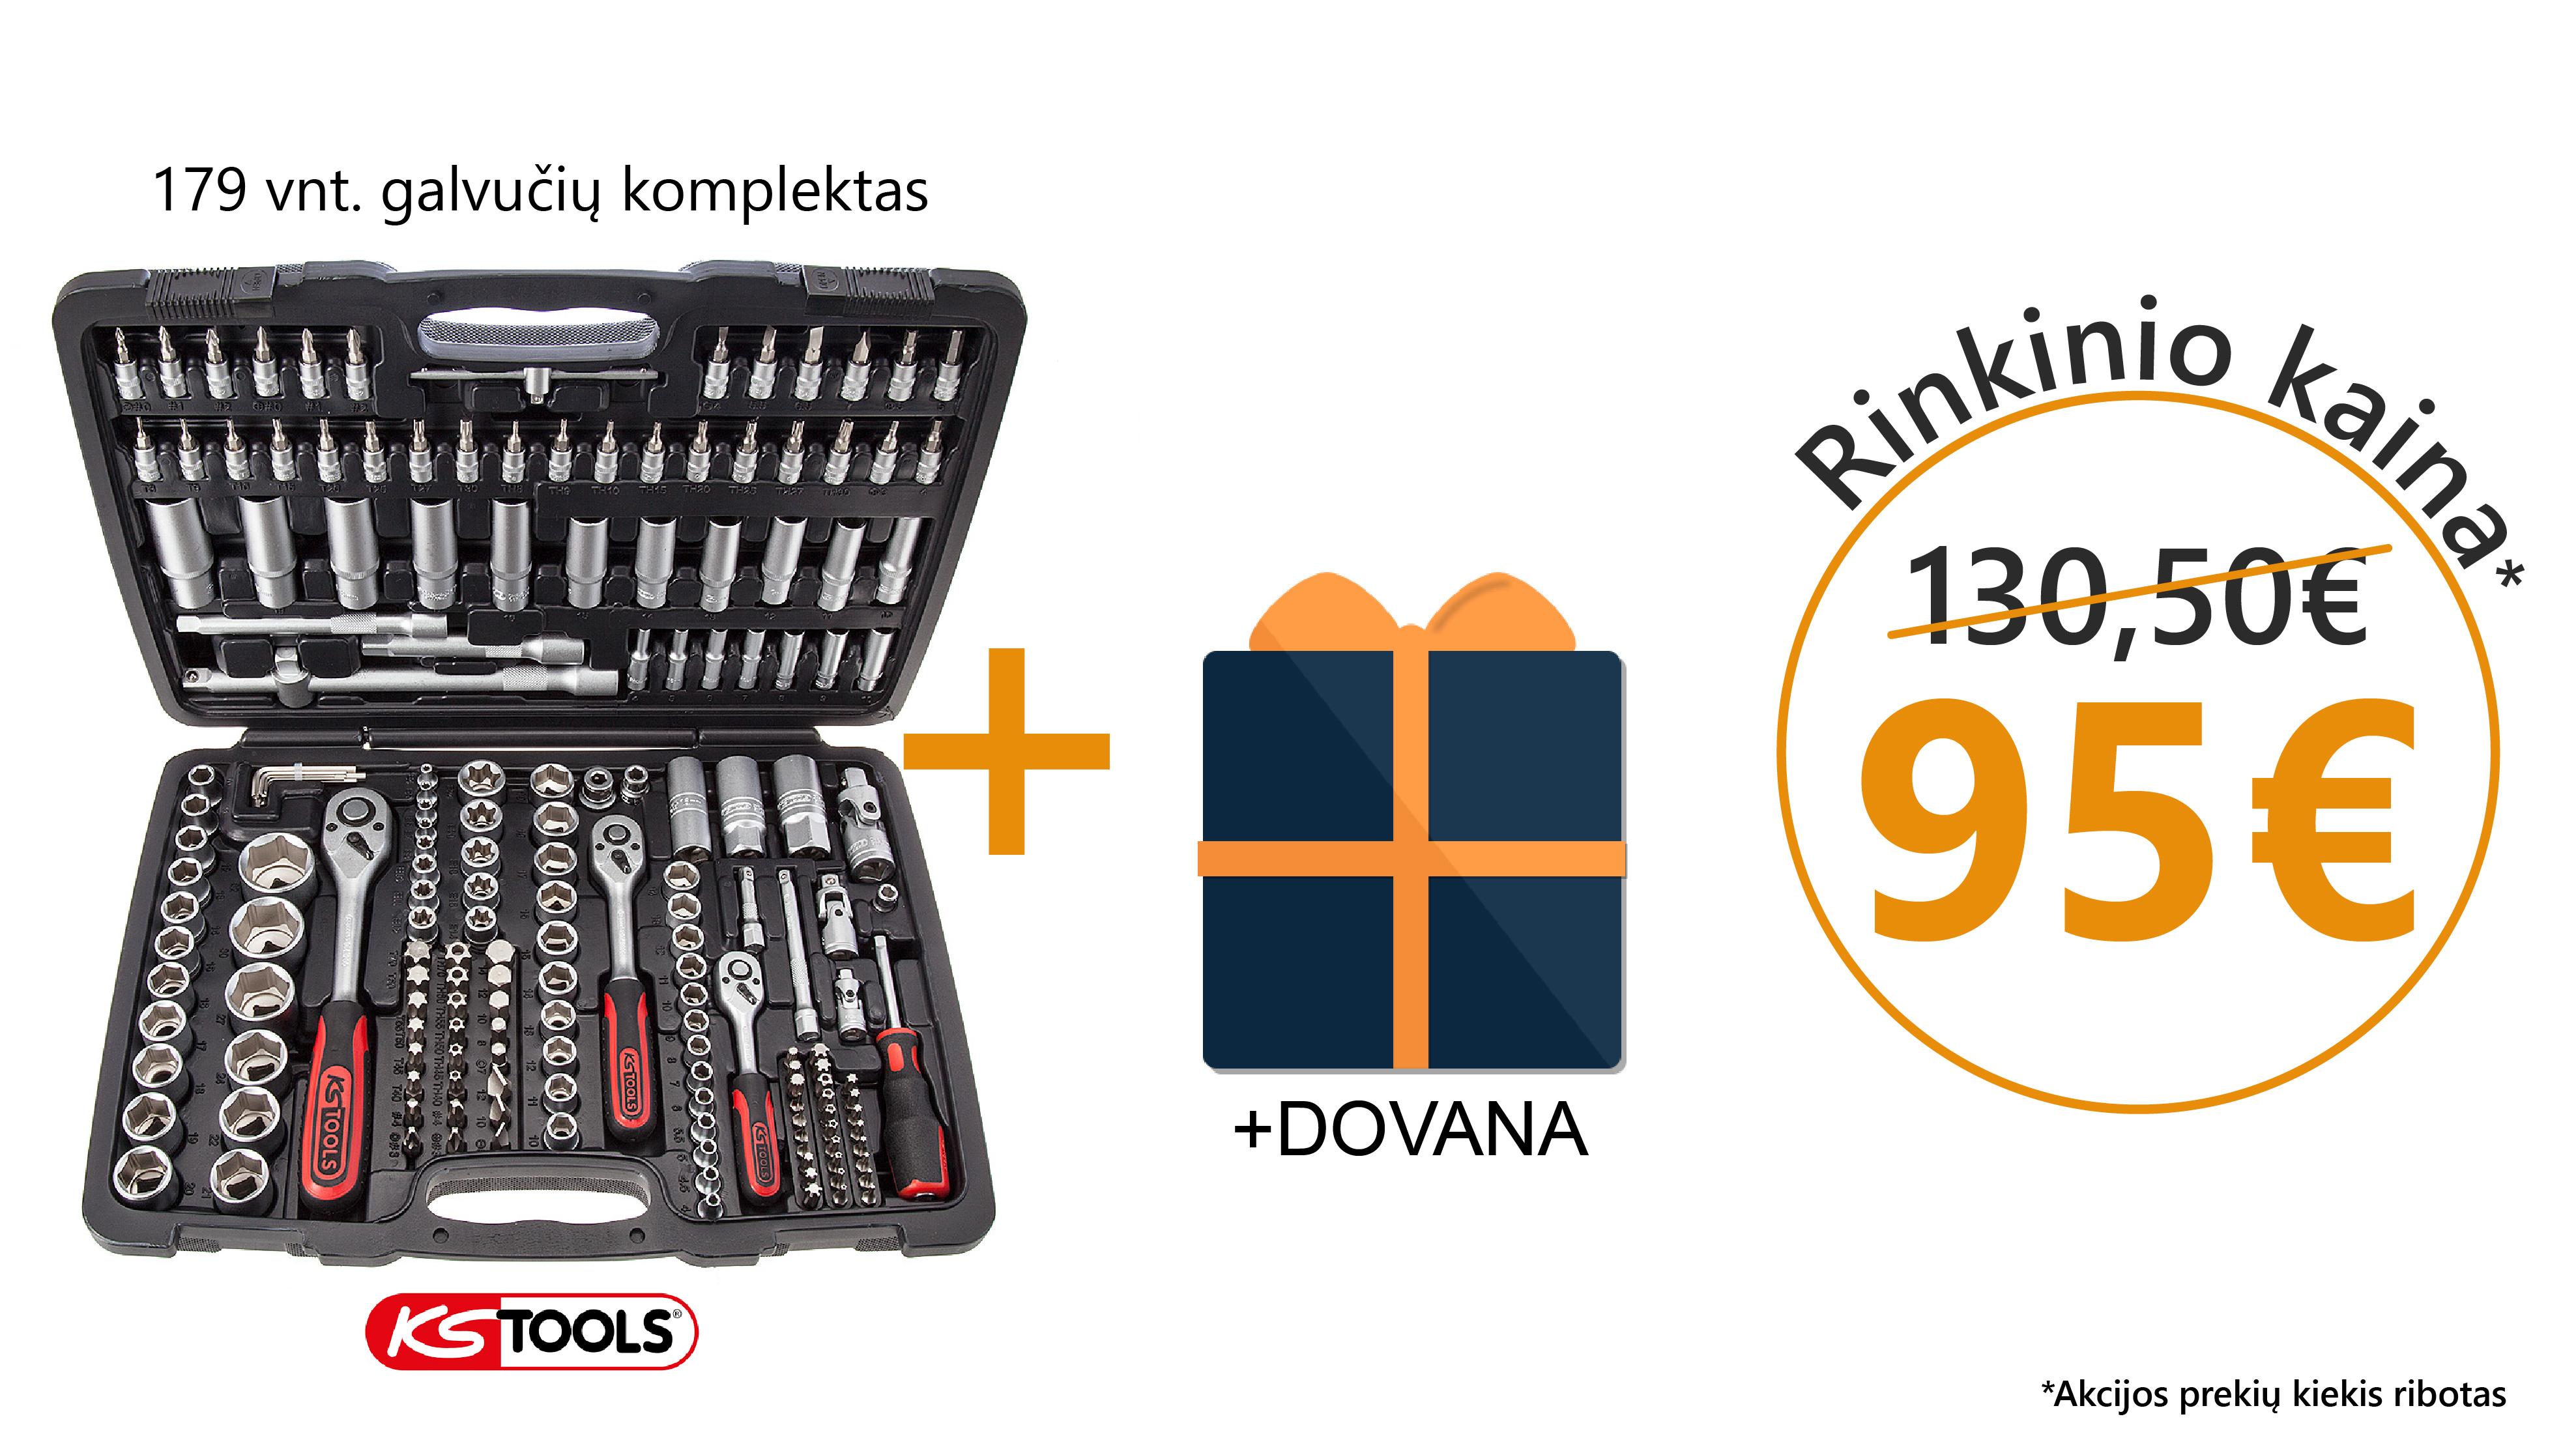 ks-tools-akcija-917.0779